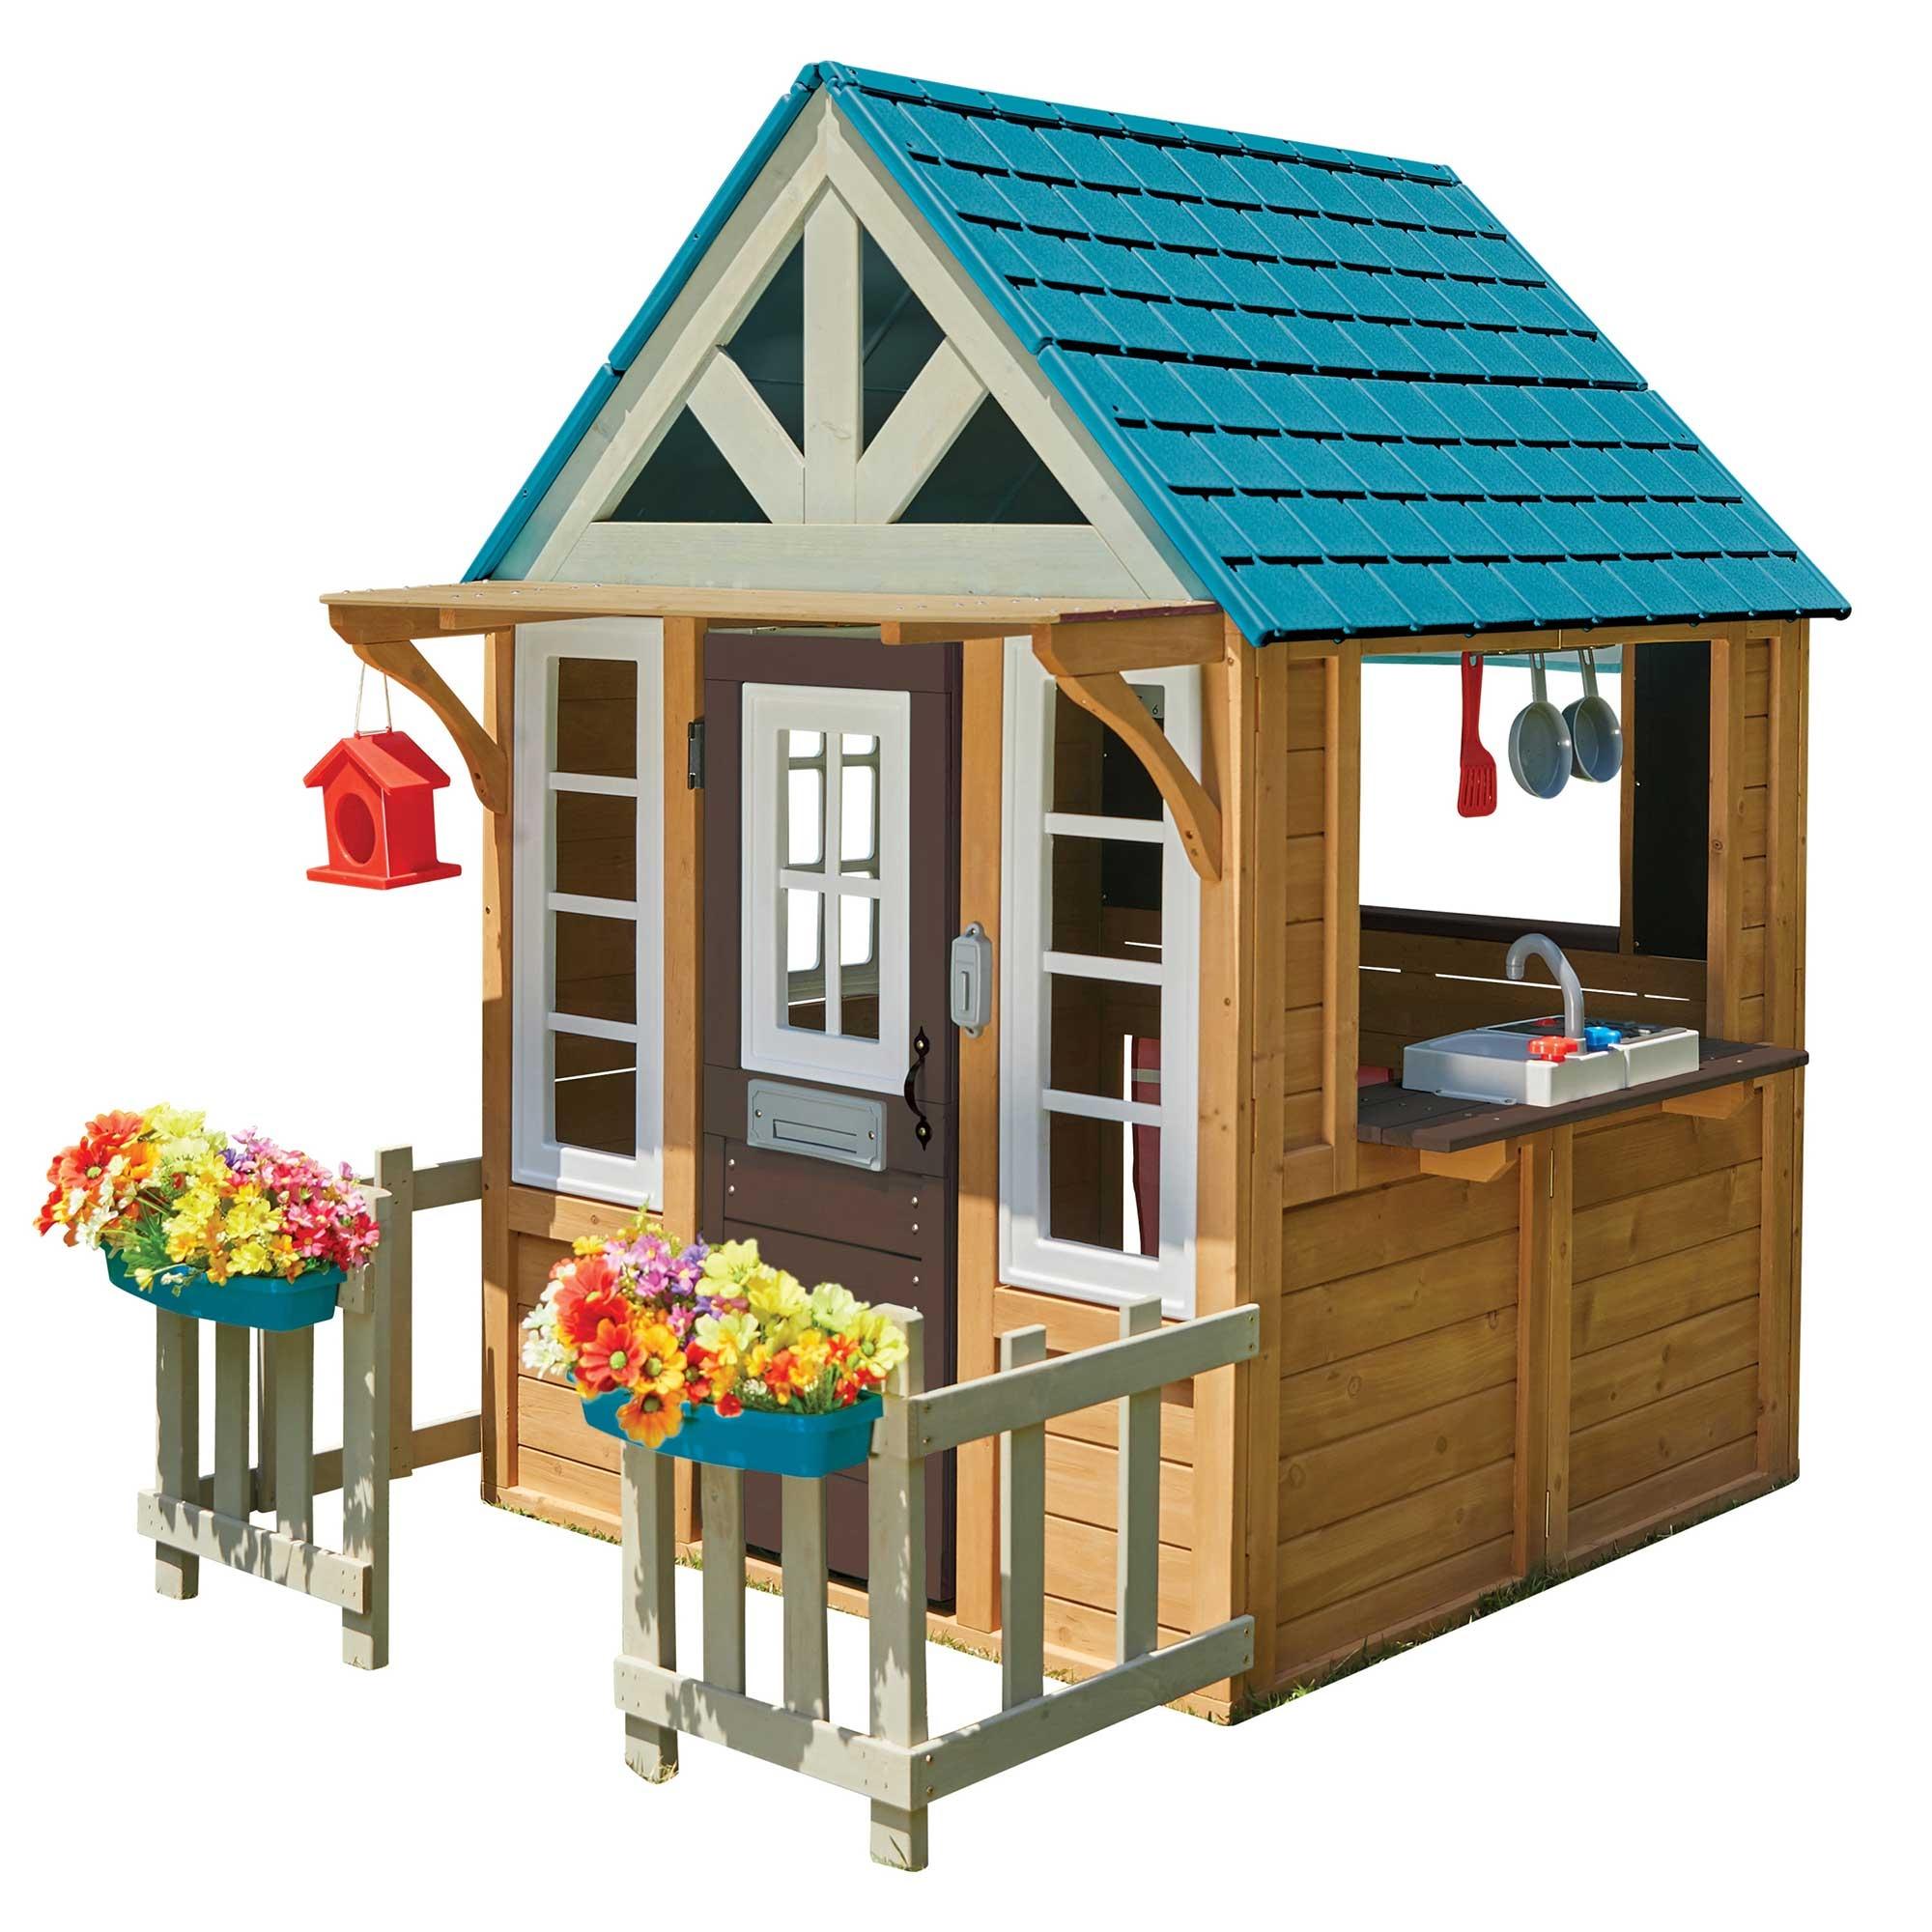 Maisonnette en bois et toit plastique bleu pour enfants